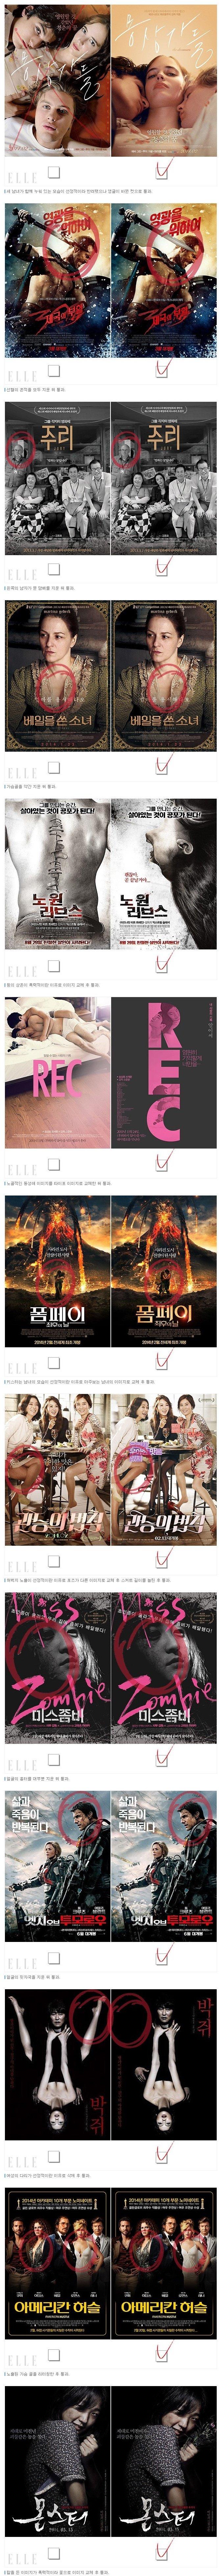 한국영화 포스터 심의 기준